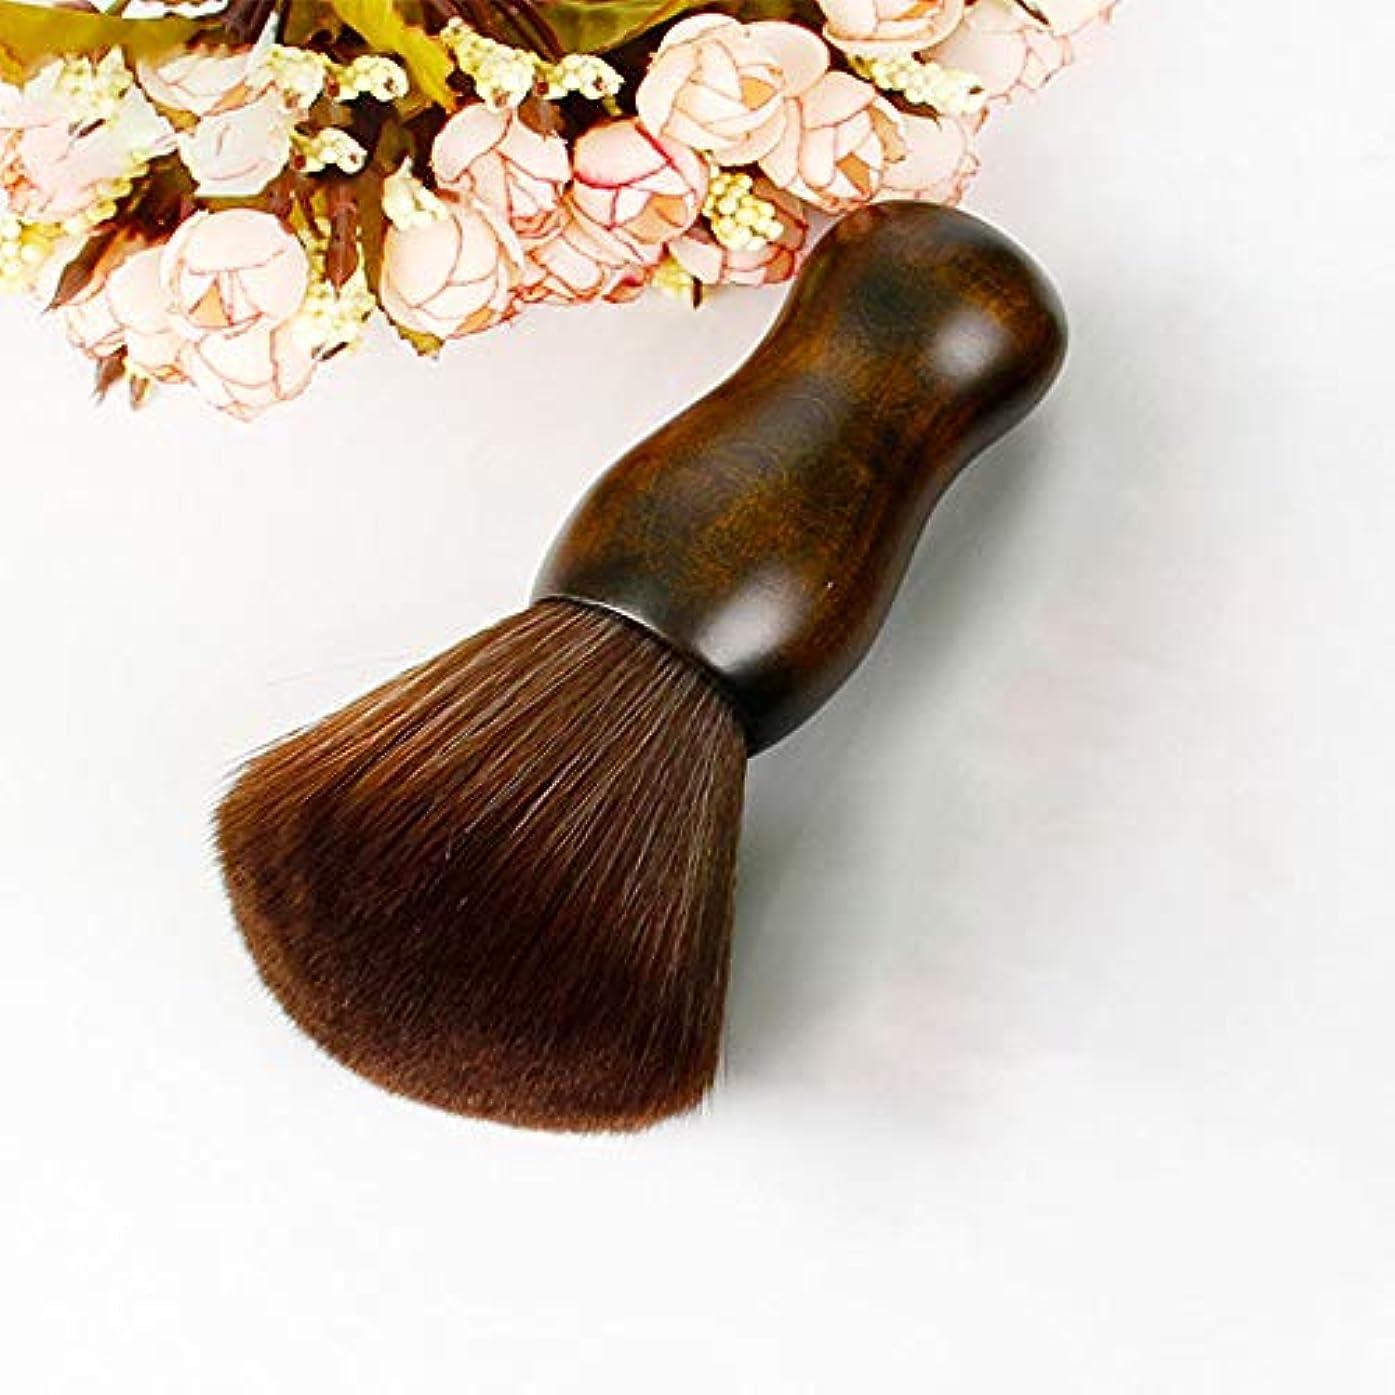 クリア偽造給料専門のバリカンつばの三つ編みのブラシの頭部、木のハンドルの毛の切断装置のナイロンブラシ